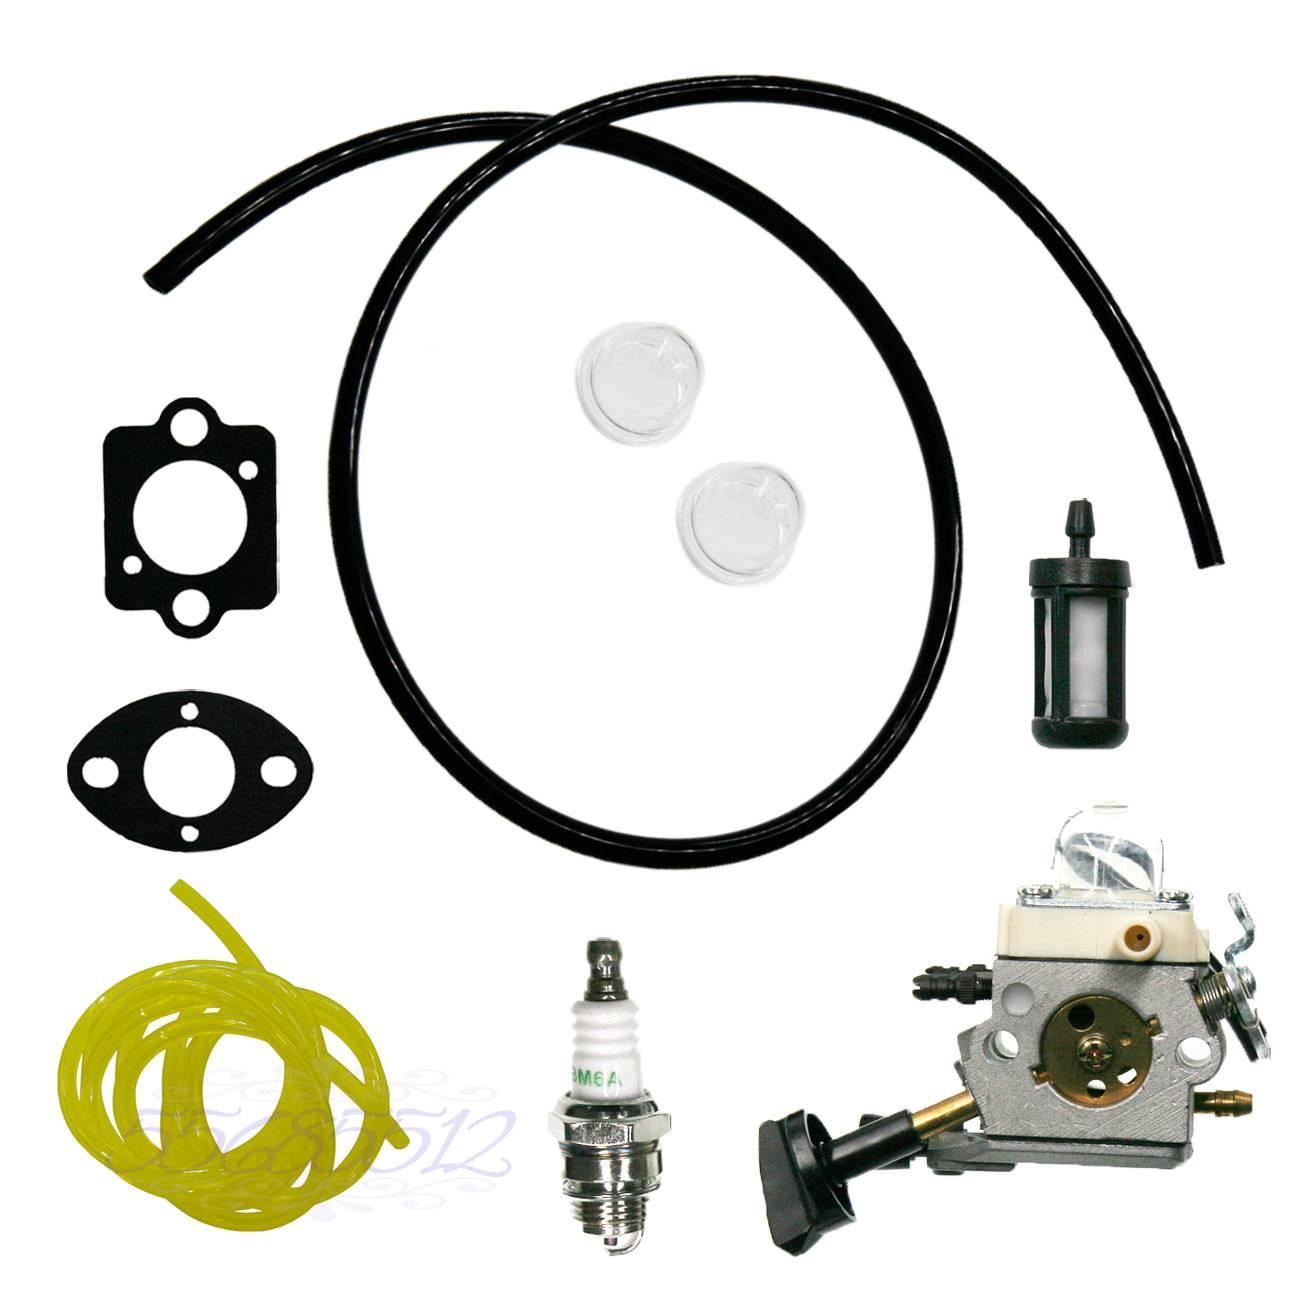 Carburetor Carb Fuel Hose Fit STIHL Blower SH56 SH56C SH86 SH86C 4241-120-0616Carburetor Carb Fuel Hose Fit STIHL Blower SH56 SH56C SH86 SH86C 4241-120-0616